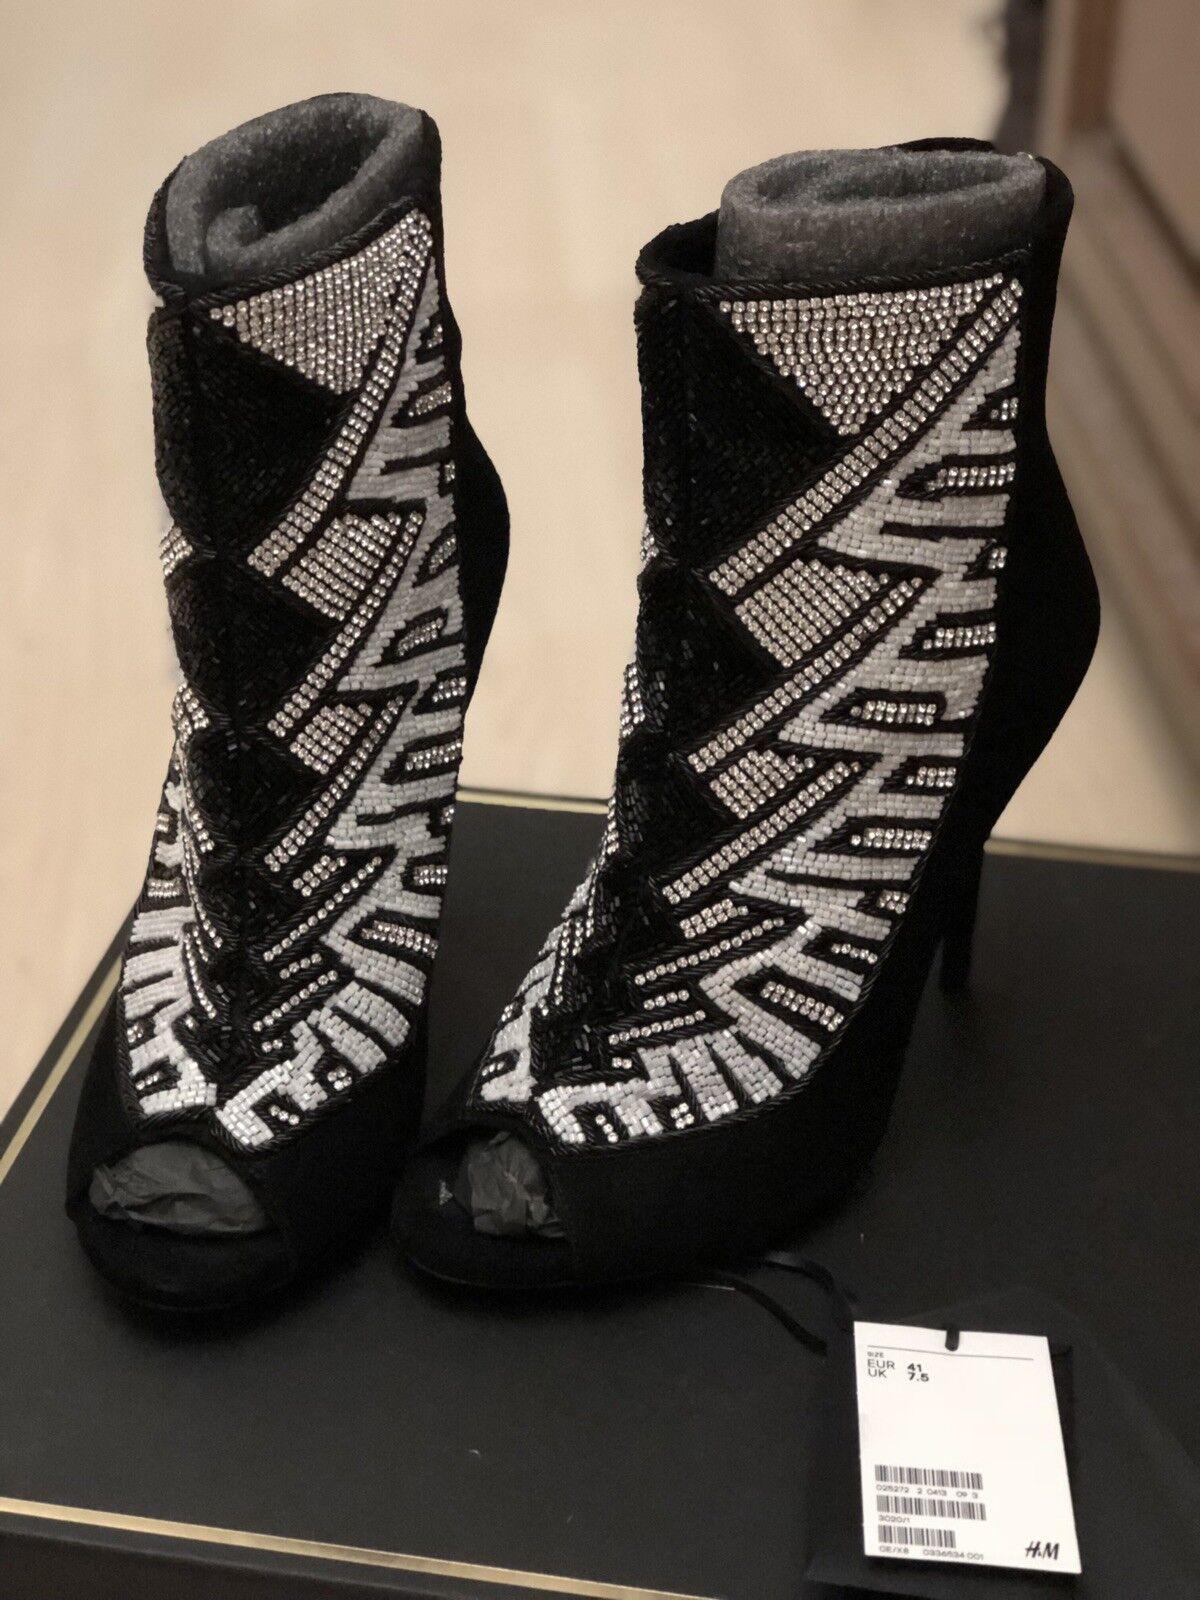 H&m balmain HM sandalias zapatos de alto zapatos botines